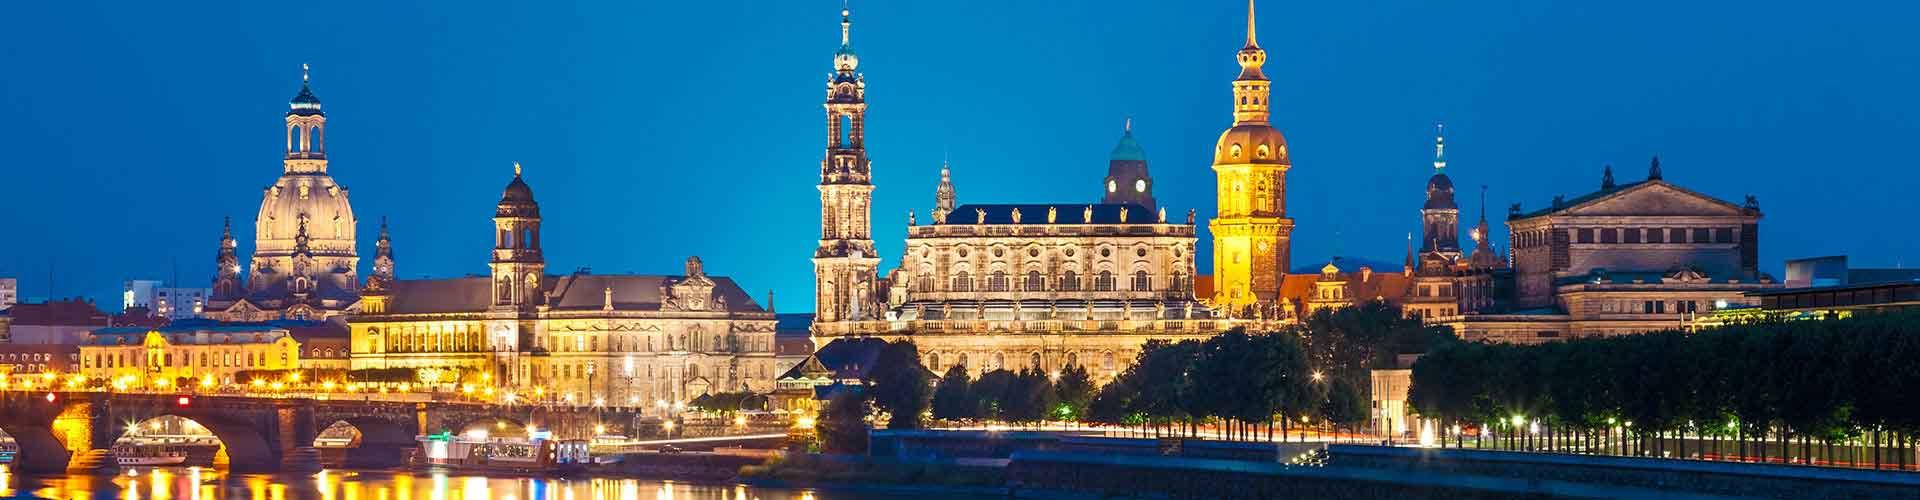 德累斯顿 – Plauen区的青年旅馆。德累斯顿 地图,德累斯顿 每间青年旅馆的照片和评分。